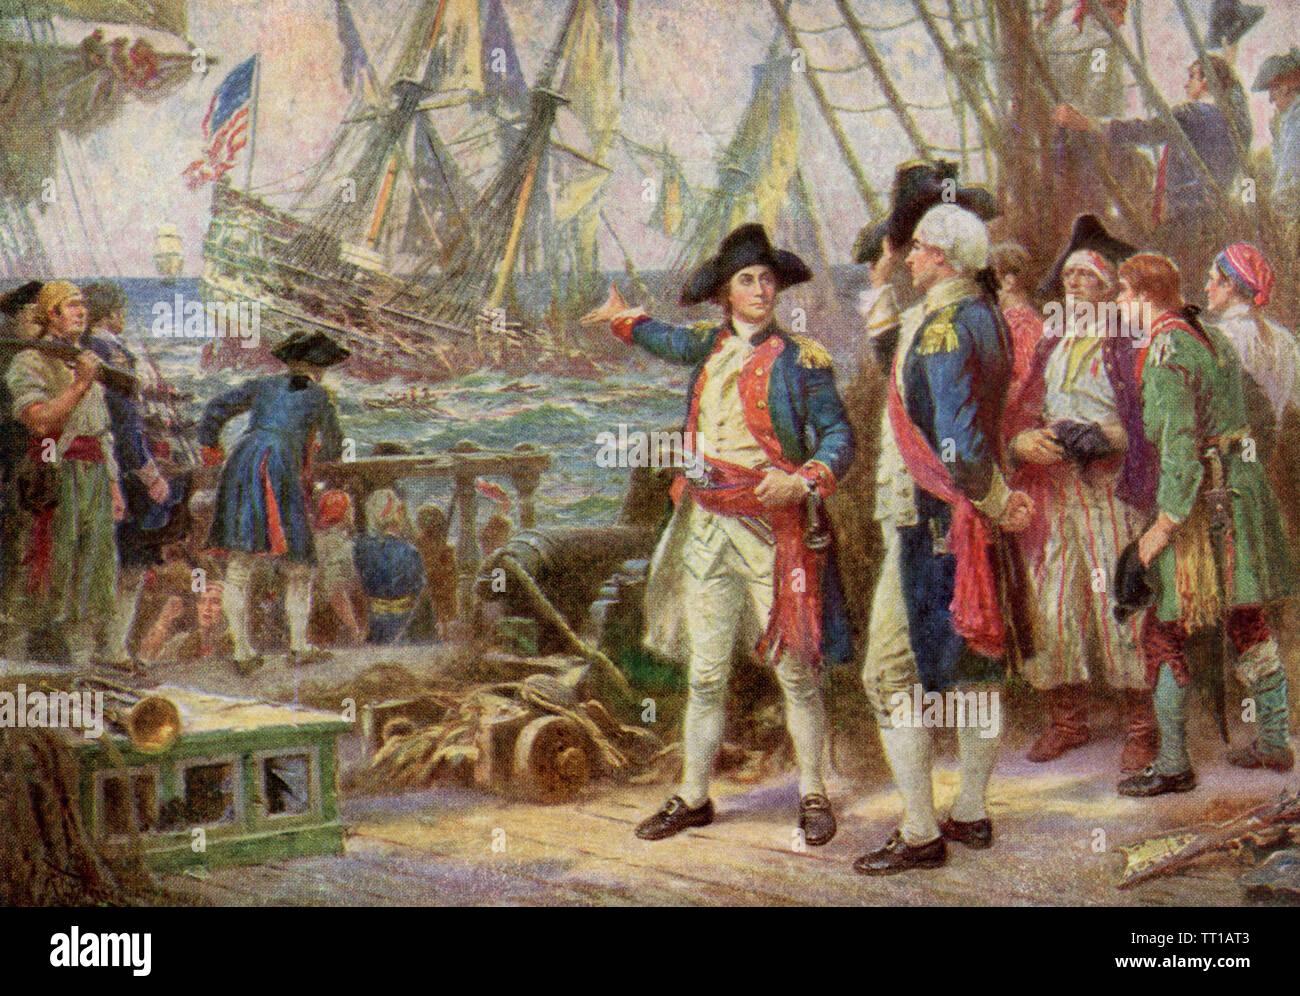 """Questa illustrazione risale al 1922. La didascalia recita: La nave affondata nella vittoria. La foto il titolo è il nome dato al dipinto dal J.L.G. Ferris, un pittore americano che morì nel 1930. La battaglia risale alla Rivoluzione Americana, specificamente il 23 settembre 1779. Il sito è off Flamborough Head, Yorkshire, Inghilterra. Il Bon Homme Richard ha rilevato la Royal Navy ship Serapide. La vittoria sembrava essere certian per il britannico e il comandante britannico ha chiesto John Paul Jones, testa del Bon Homme Richard, per arrendersi. Jones ha risposto: """"Io non hanno ancora iniziato la lotta"""". Jones è riuscito poi a la Immagini Stock"""